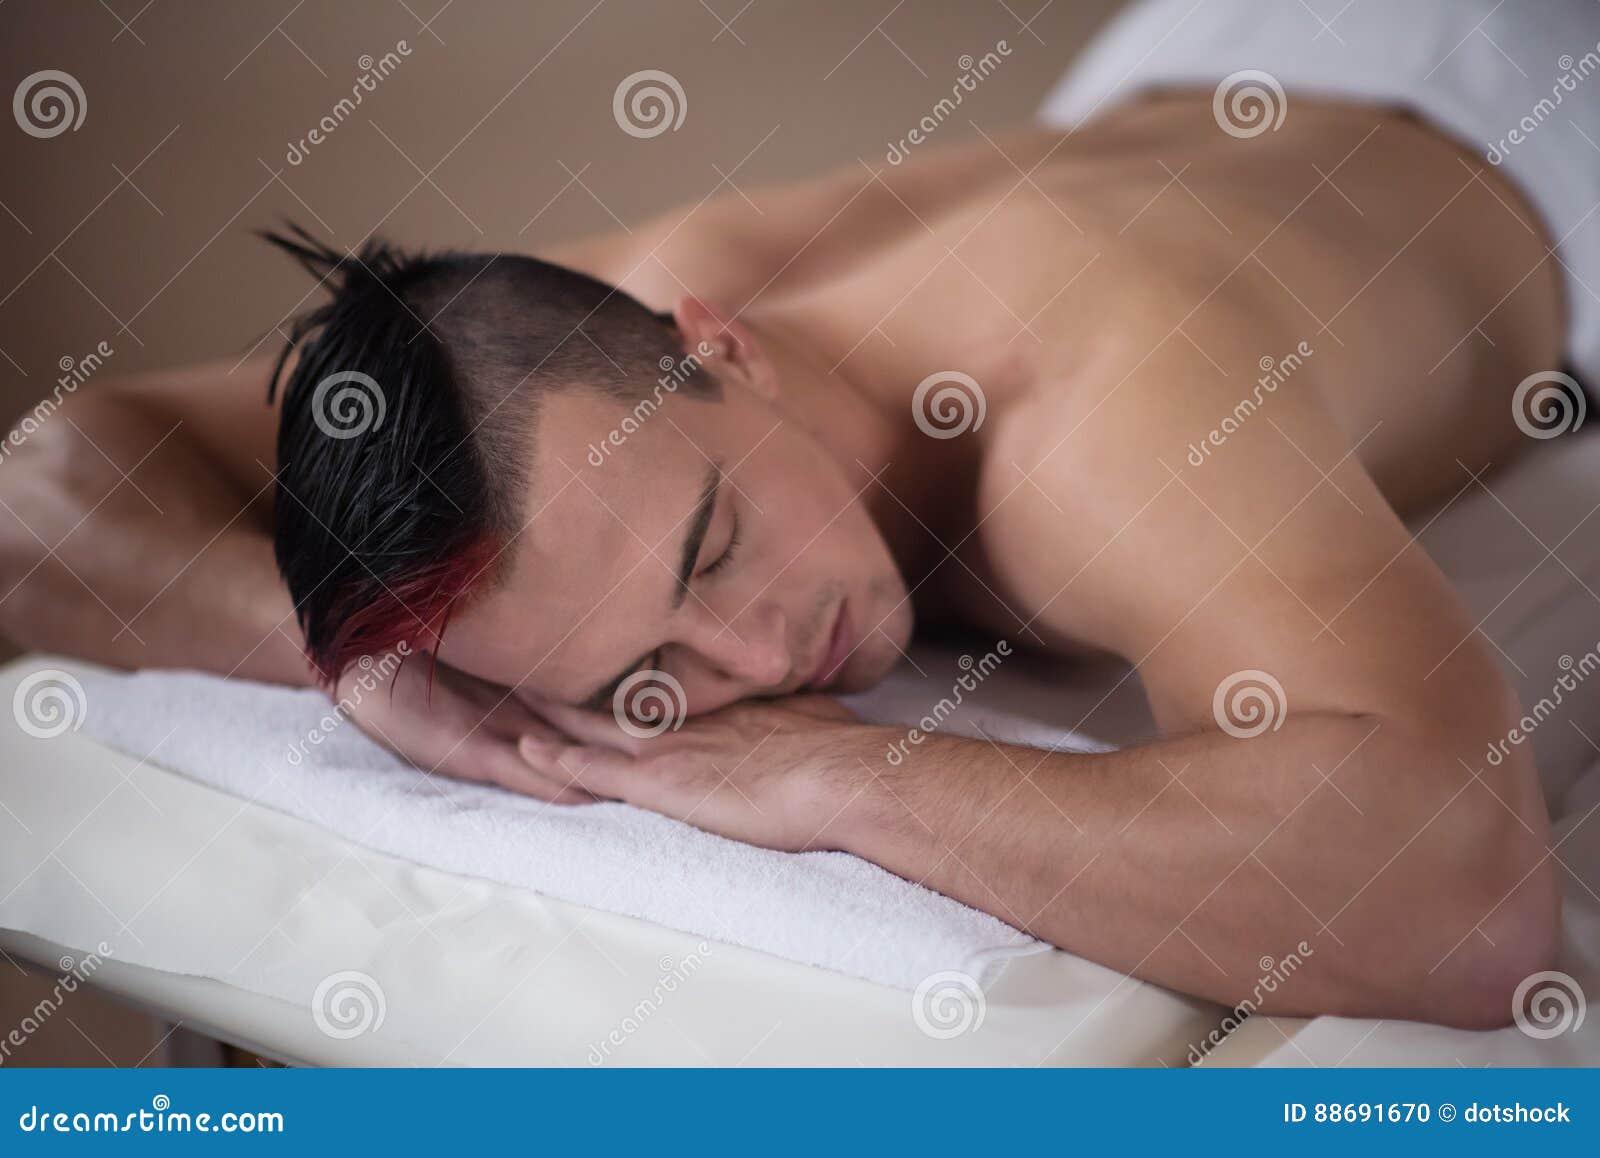 handsome massage